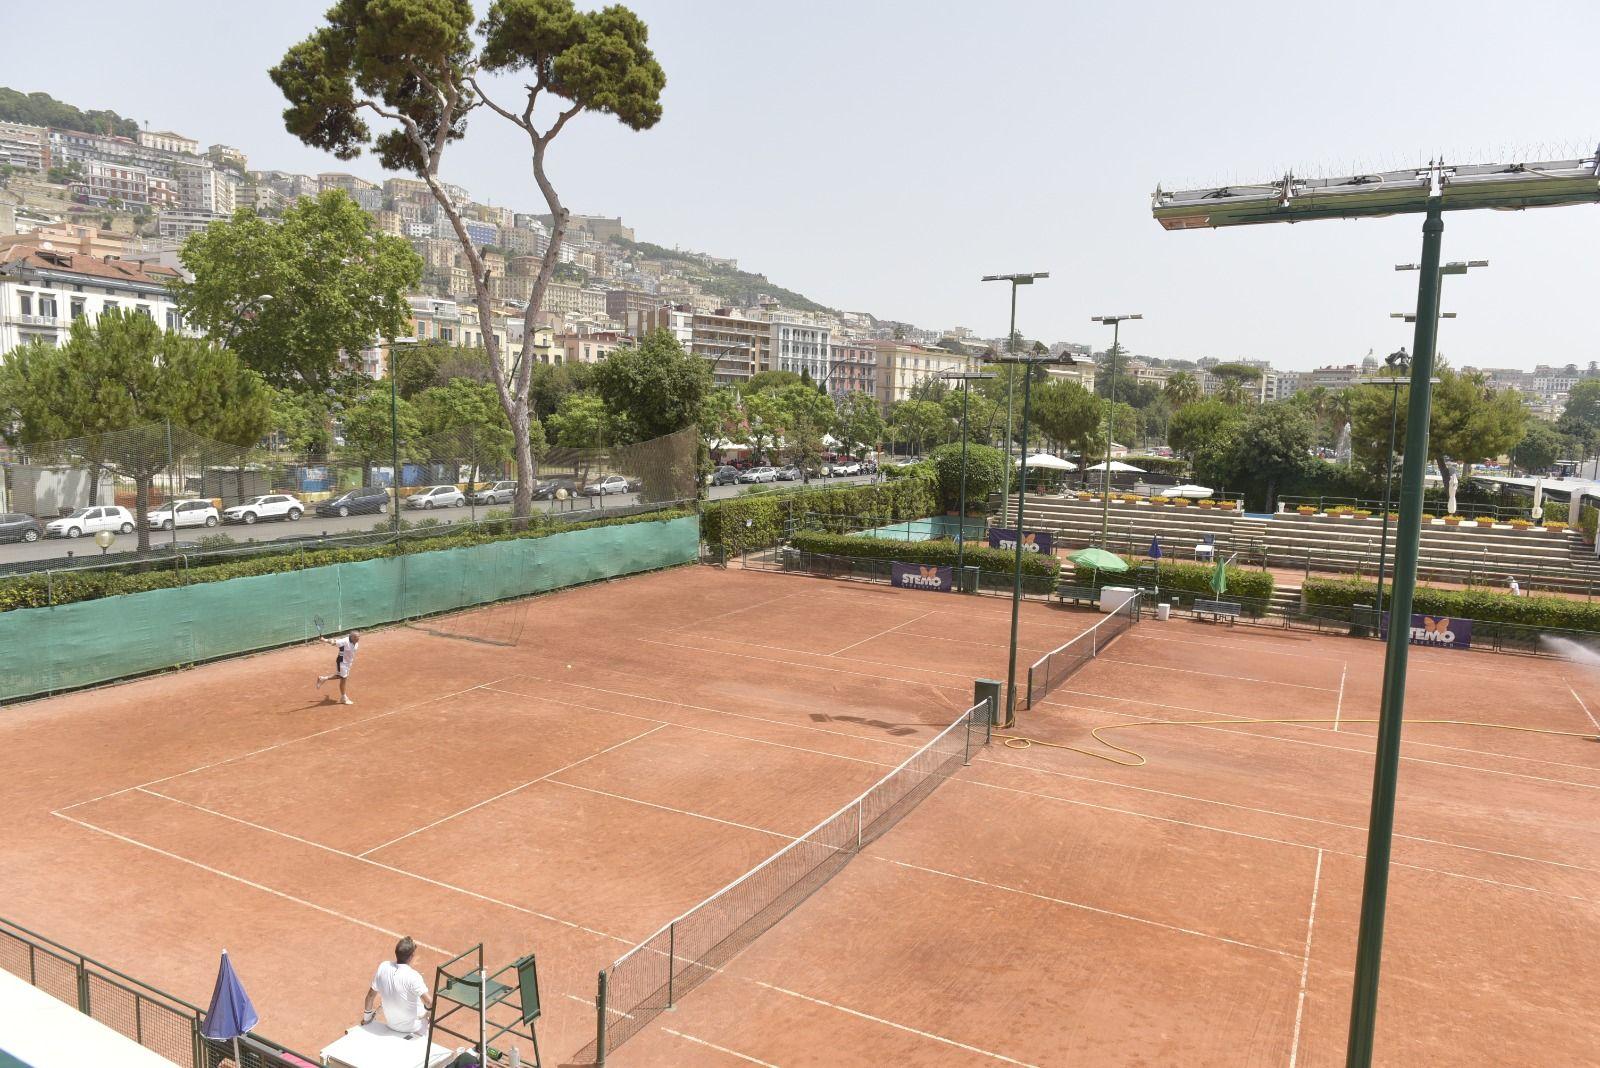 Tennis Napoli Cup, ingresso gratuito 6 giorni su 8: dal 3 all'8 ottobre compreso